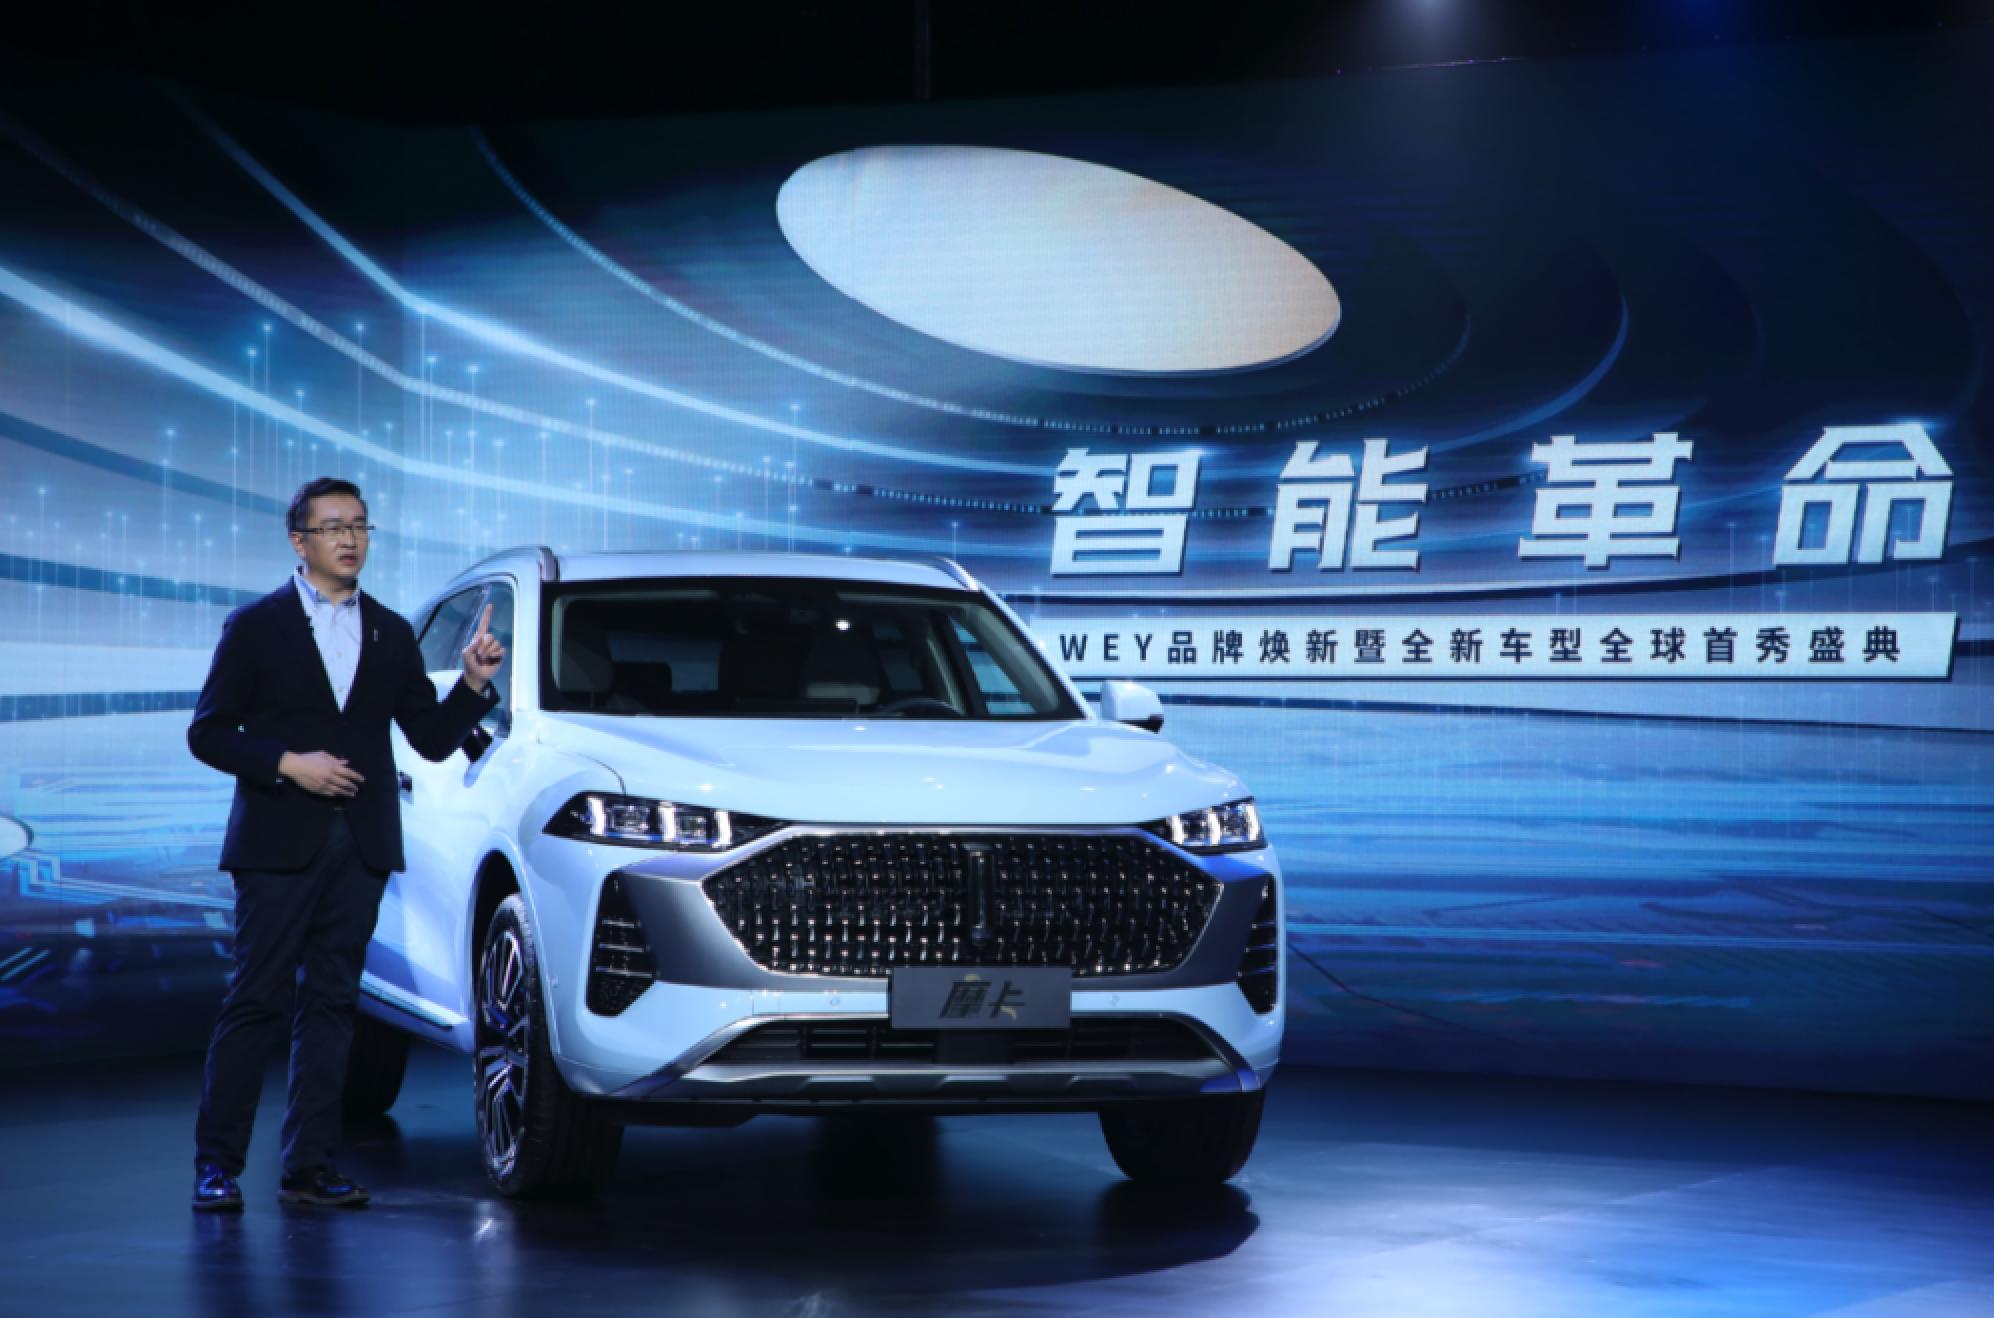 北京商报 | WEY品牌全新旗舰车型摩卡迎来全球首秀